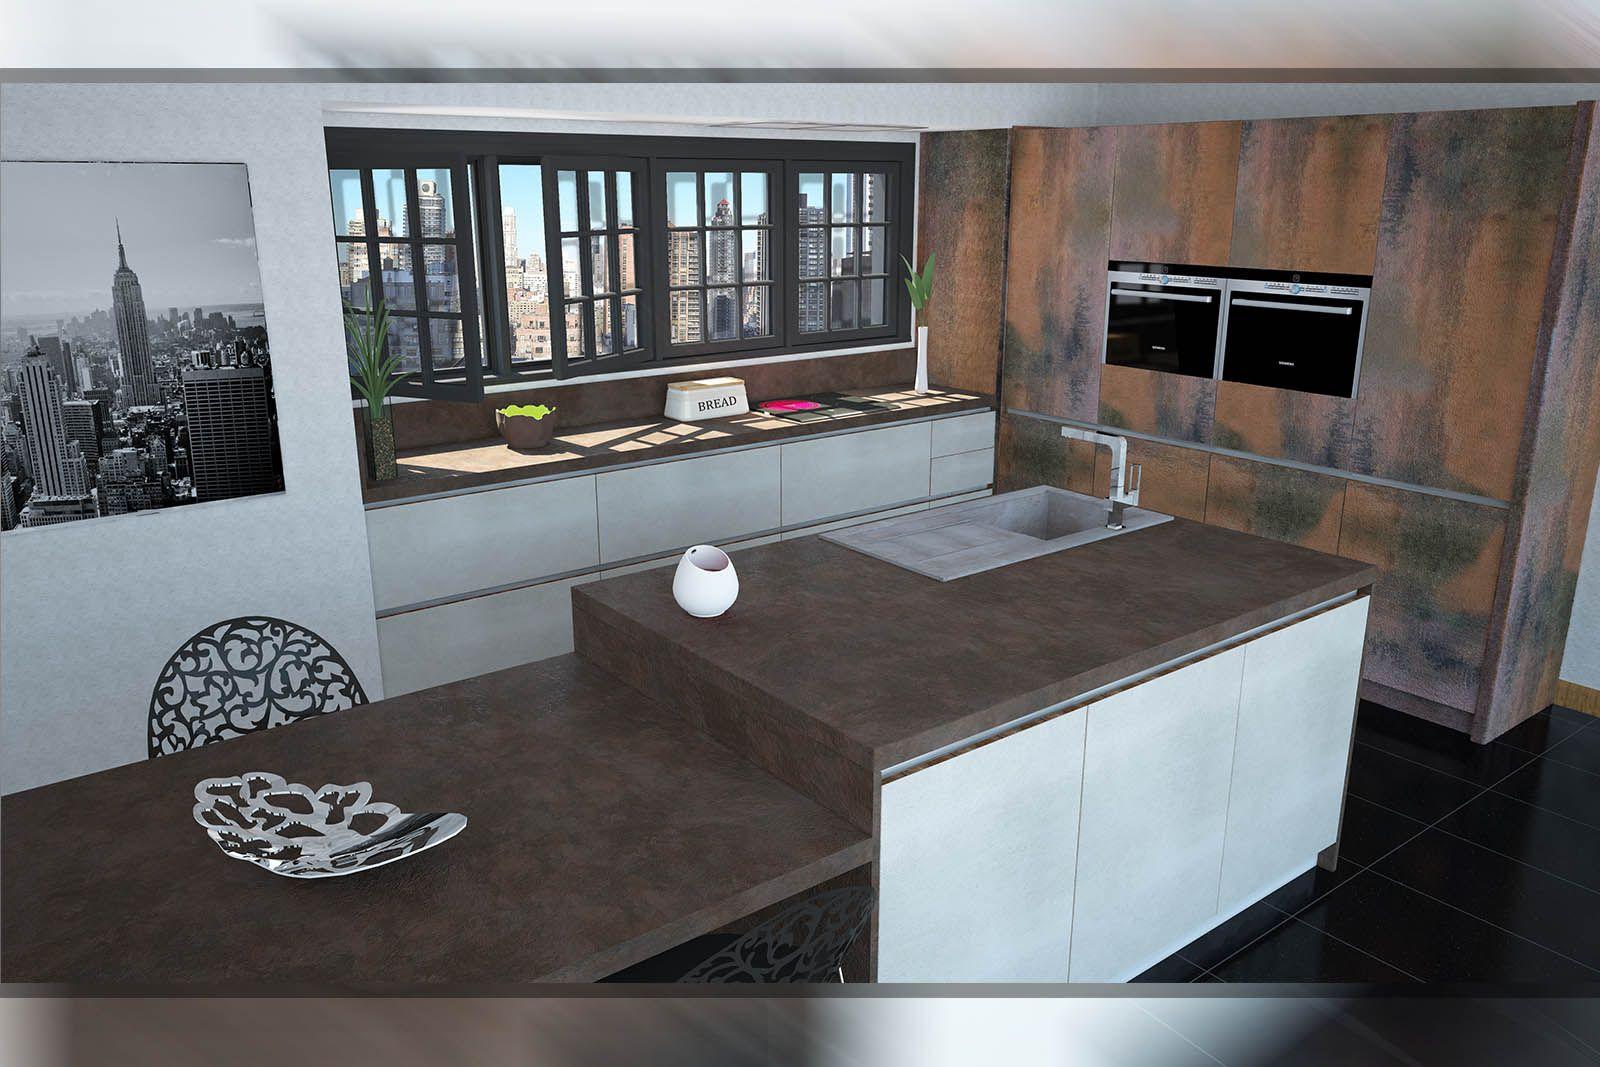 Cocina completa montada en casa con electrodom sticos muebles de cocina y electrodom sticos con - Cocinas completas con electrodomesticos ...